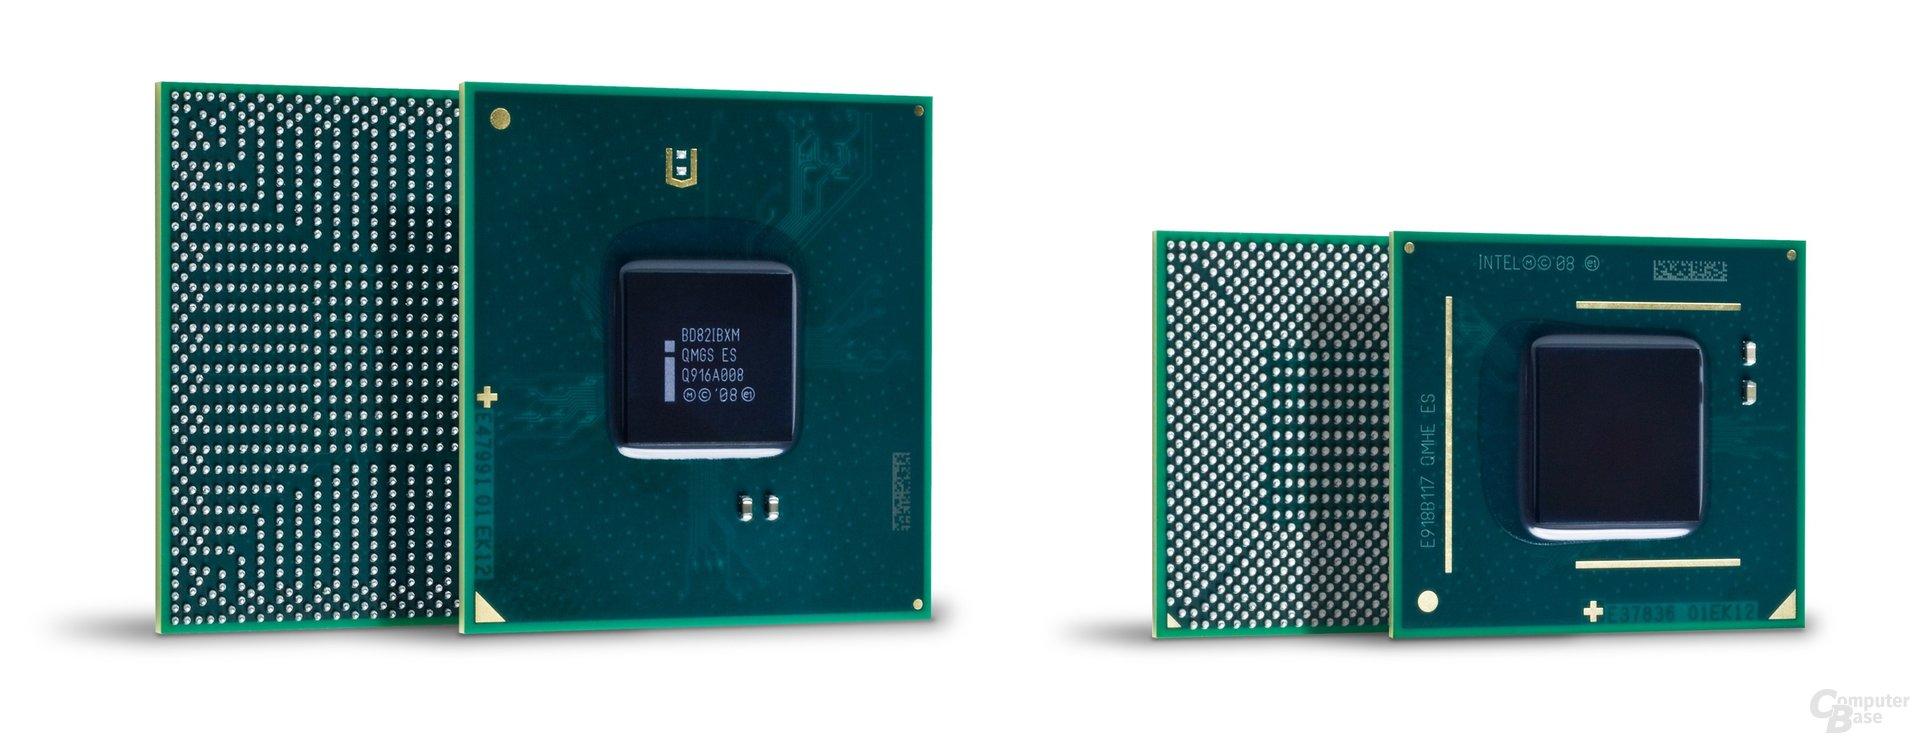 normler Chipsatz und SFF-Chipsatz